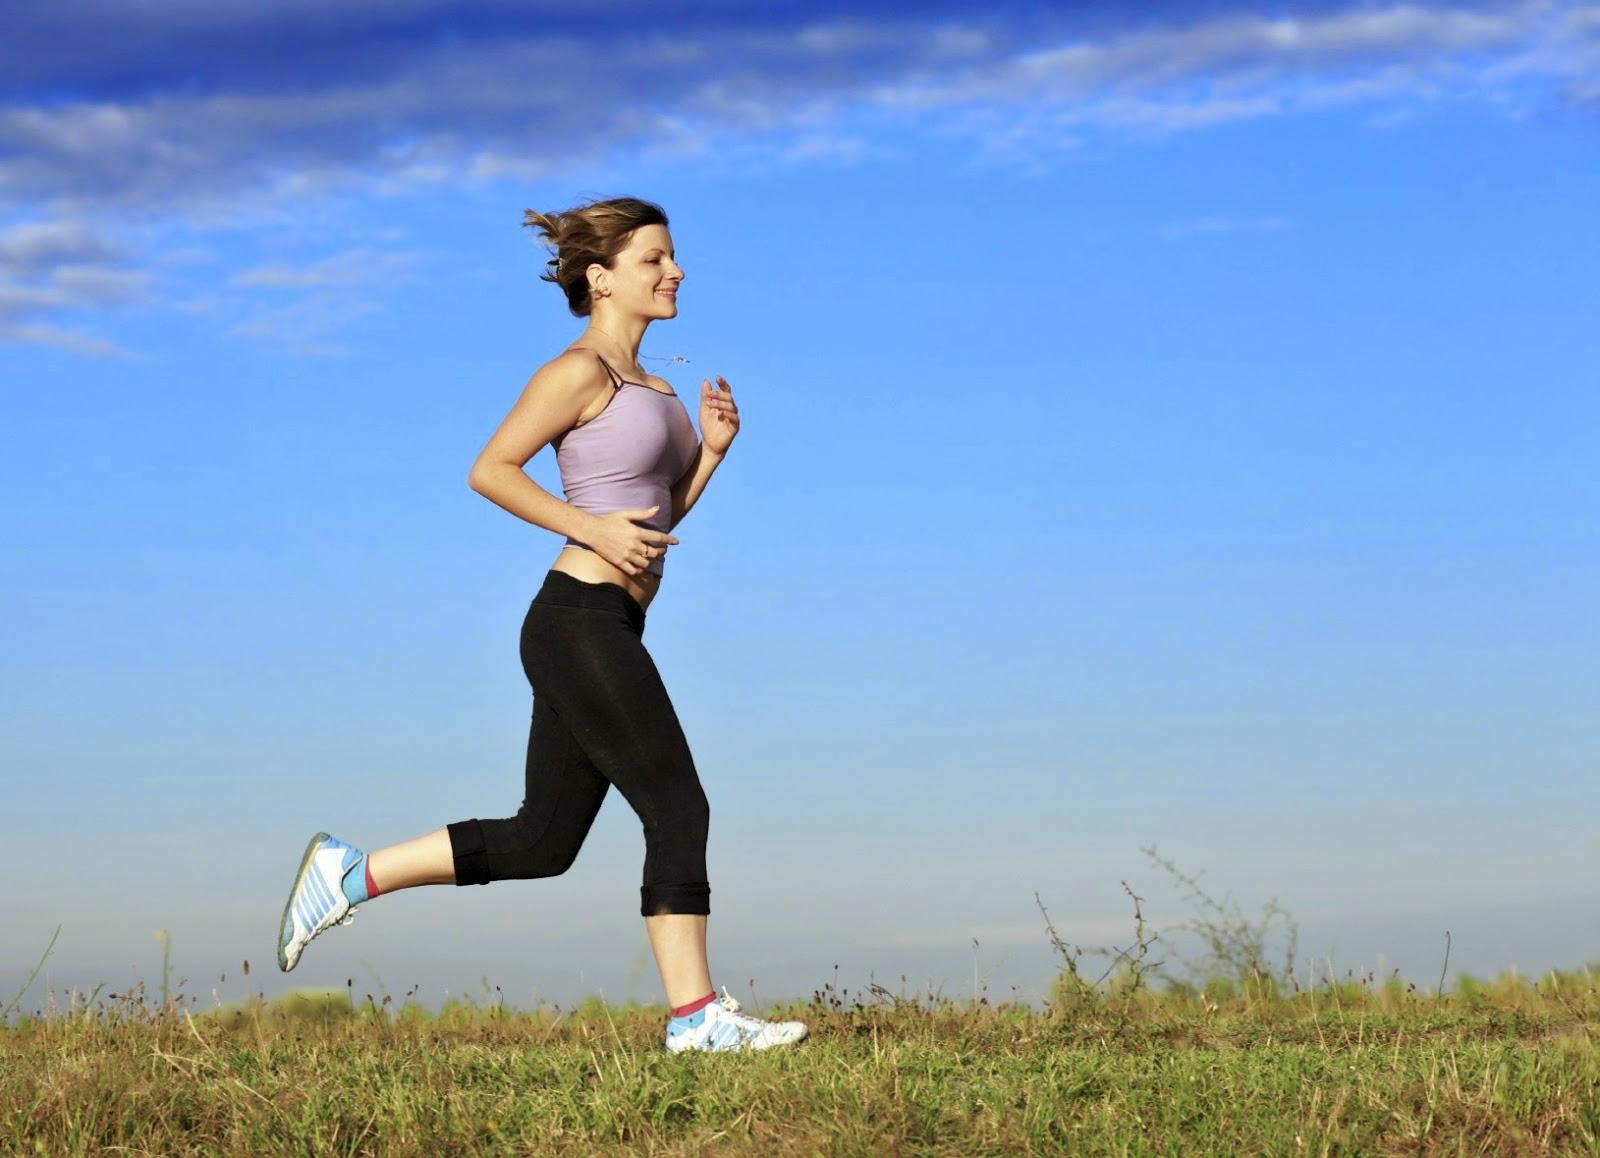 deporte al aire libre y sus beneficios